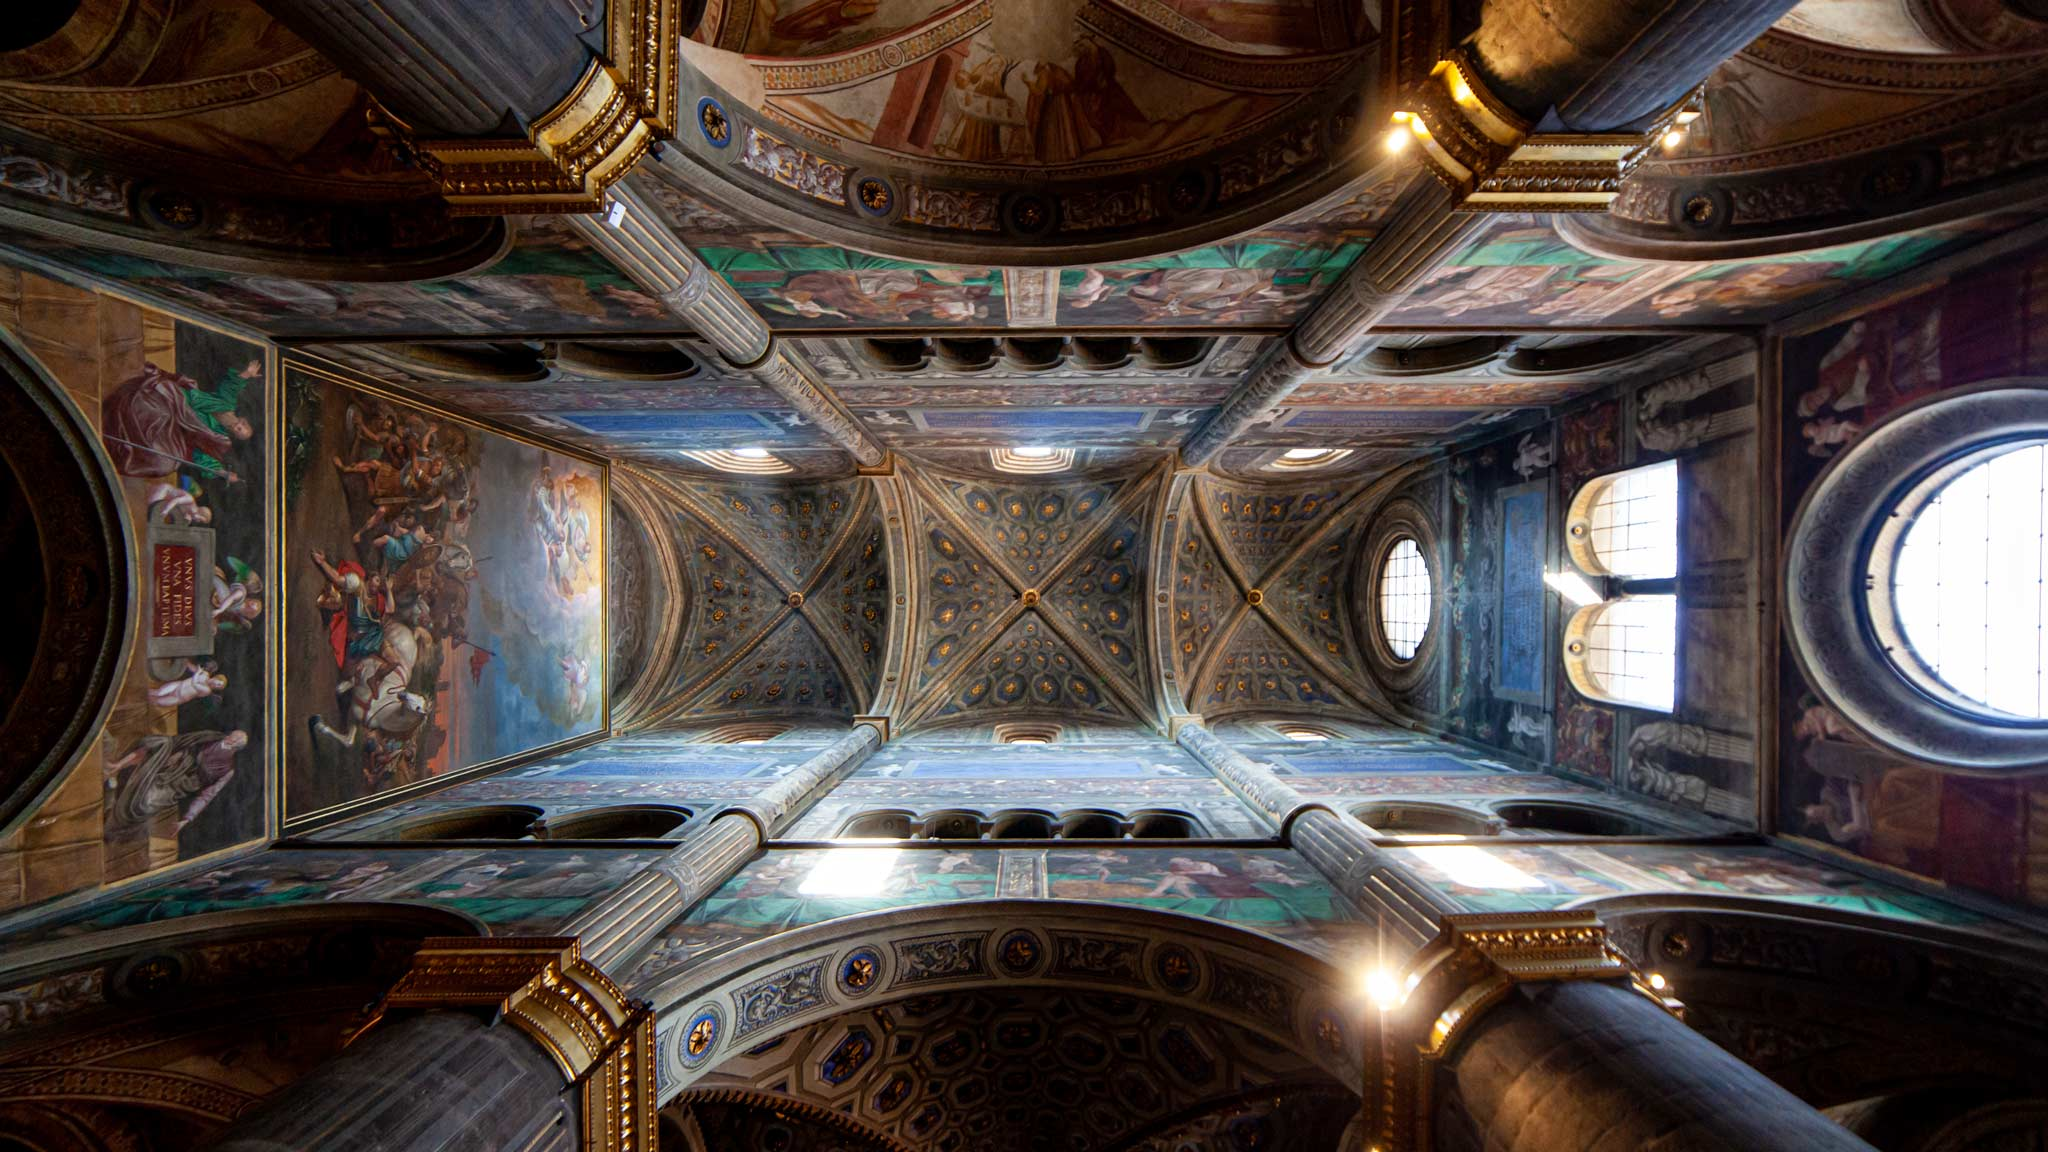 Mirando hacia arriba los frescos en el techo de la catedral de Cremona